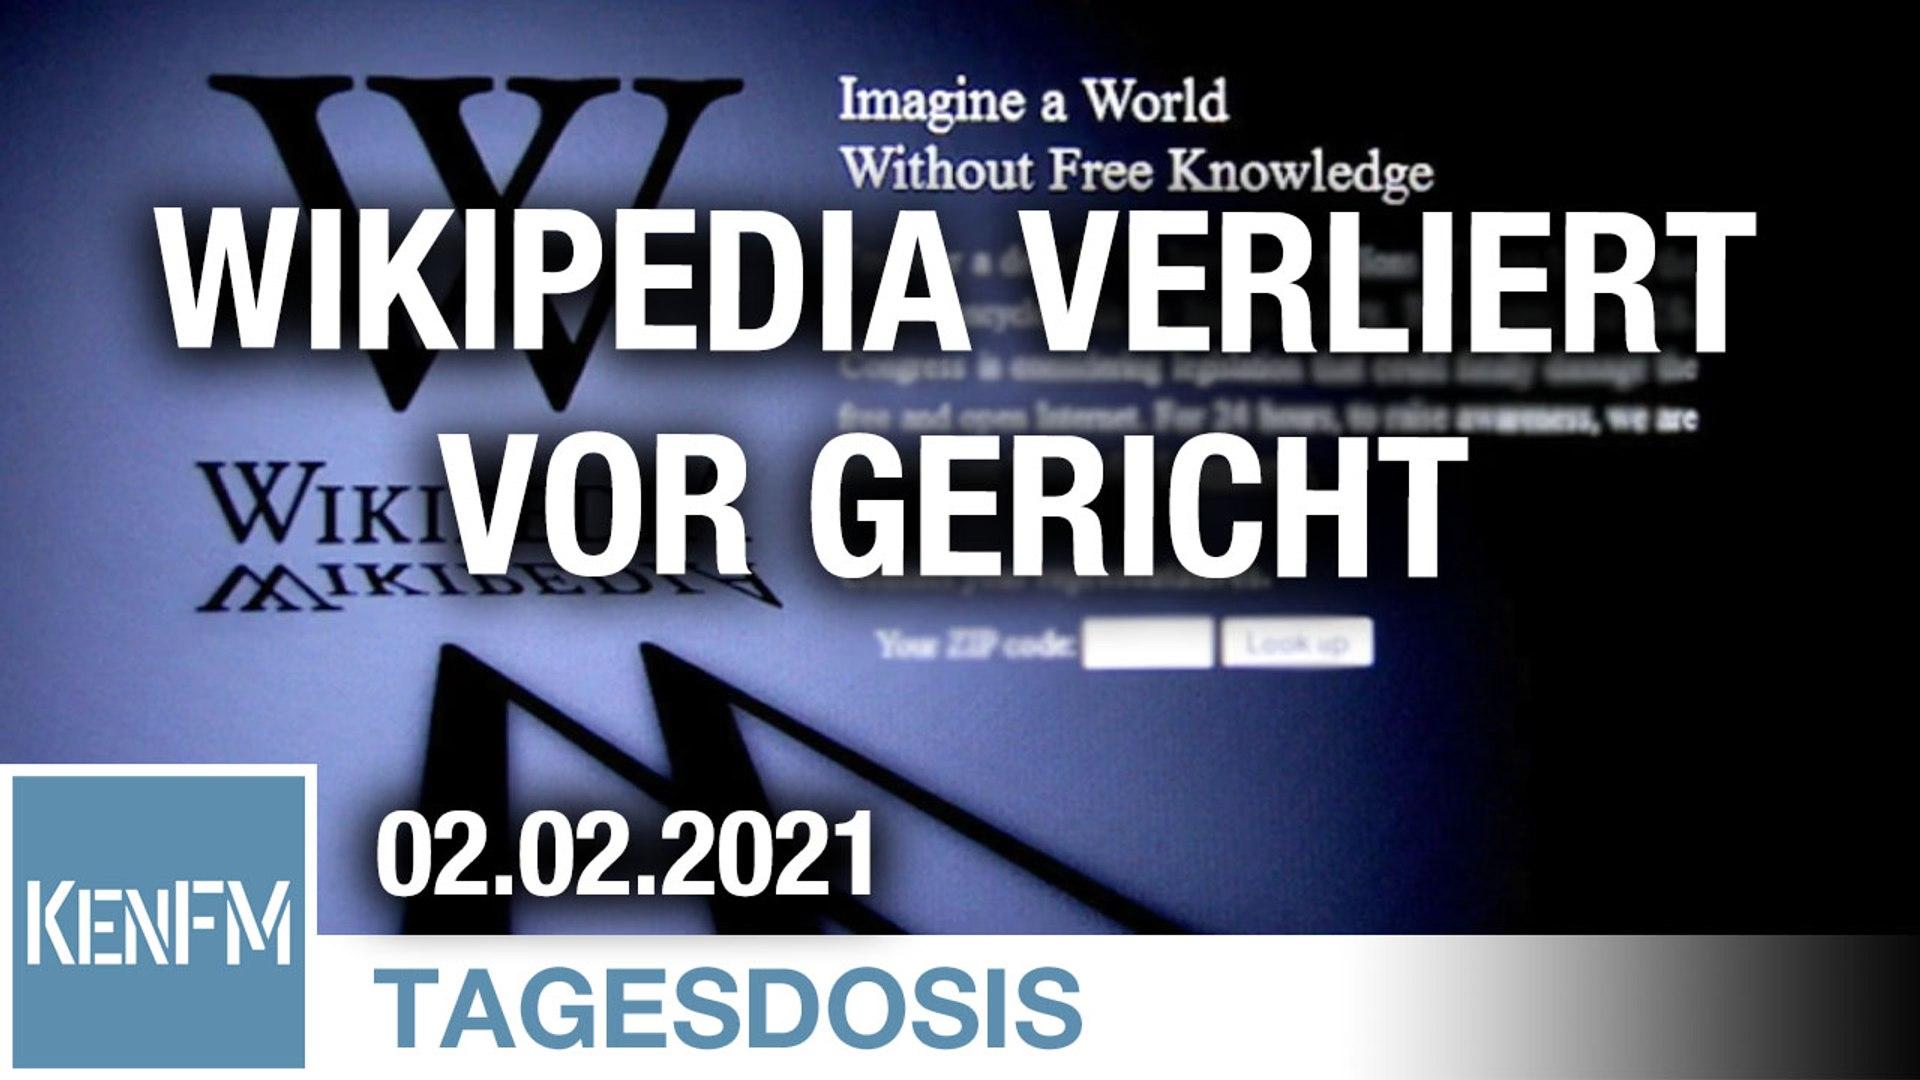 Wikipedia verliert vor Gericht – und denunziert weiter